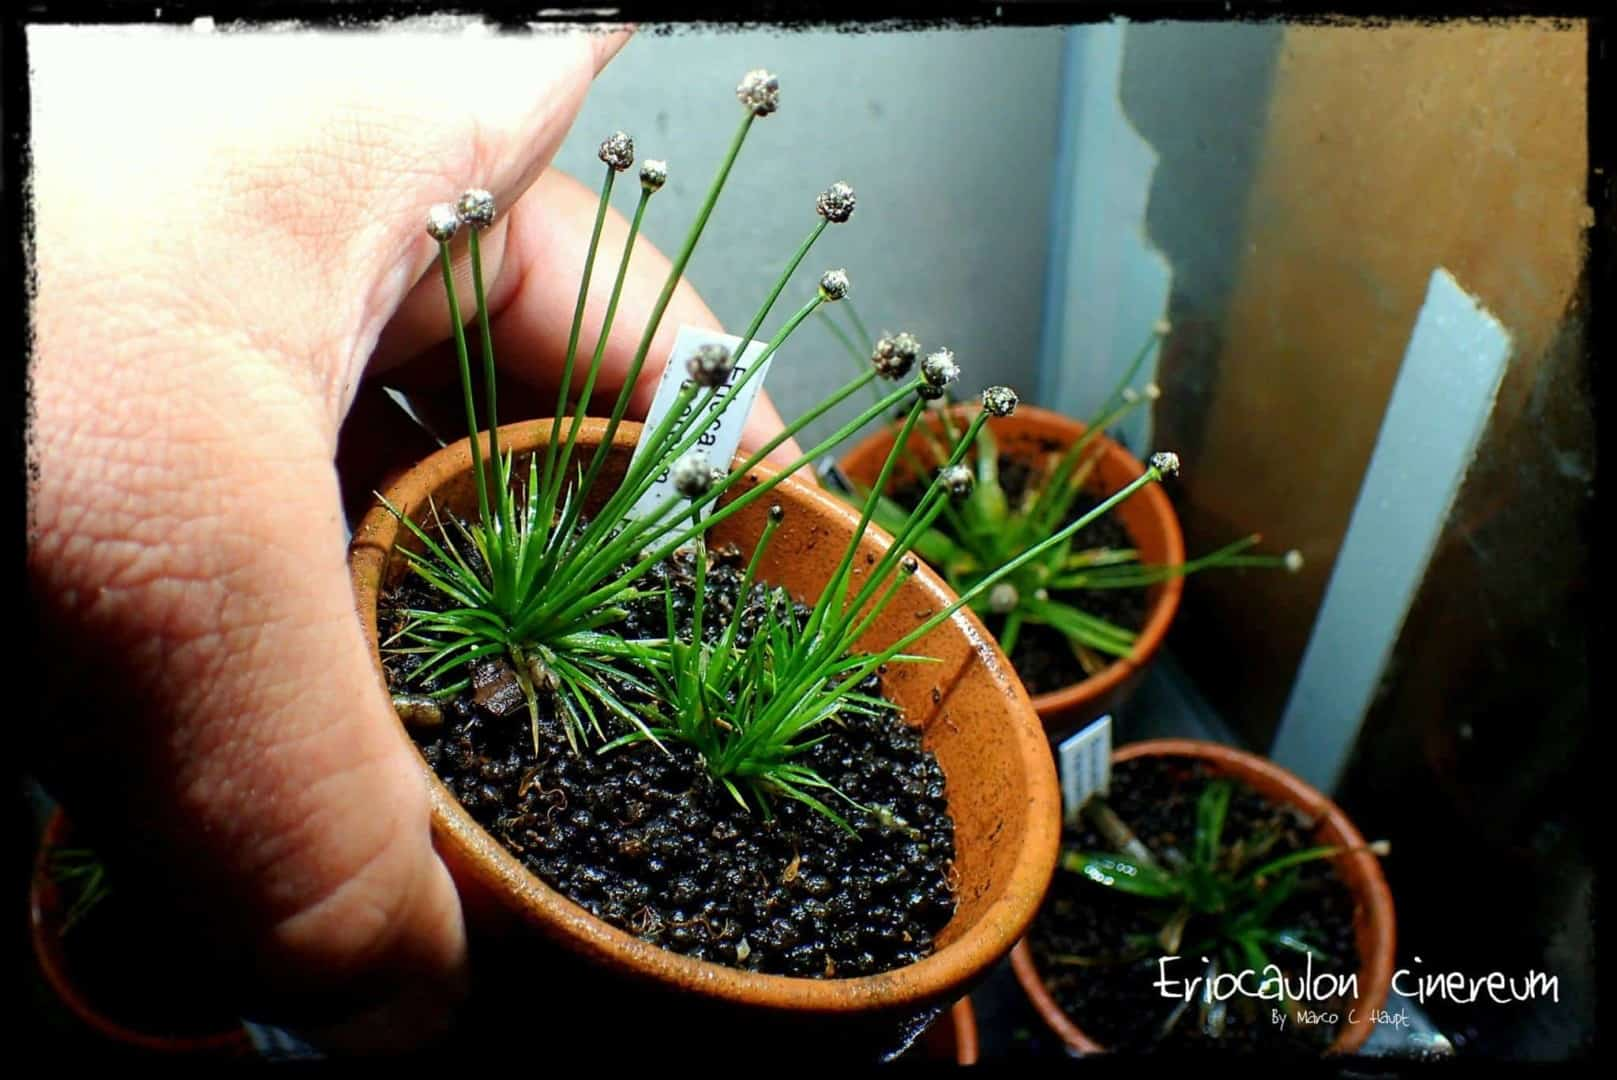 Podcast Episode #136: Eriocaulon - Eine sehr spezielle Pflanzengattung (Niklas Entenmann) 10